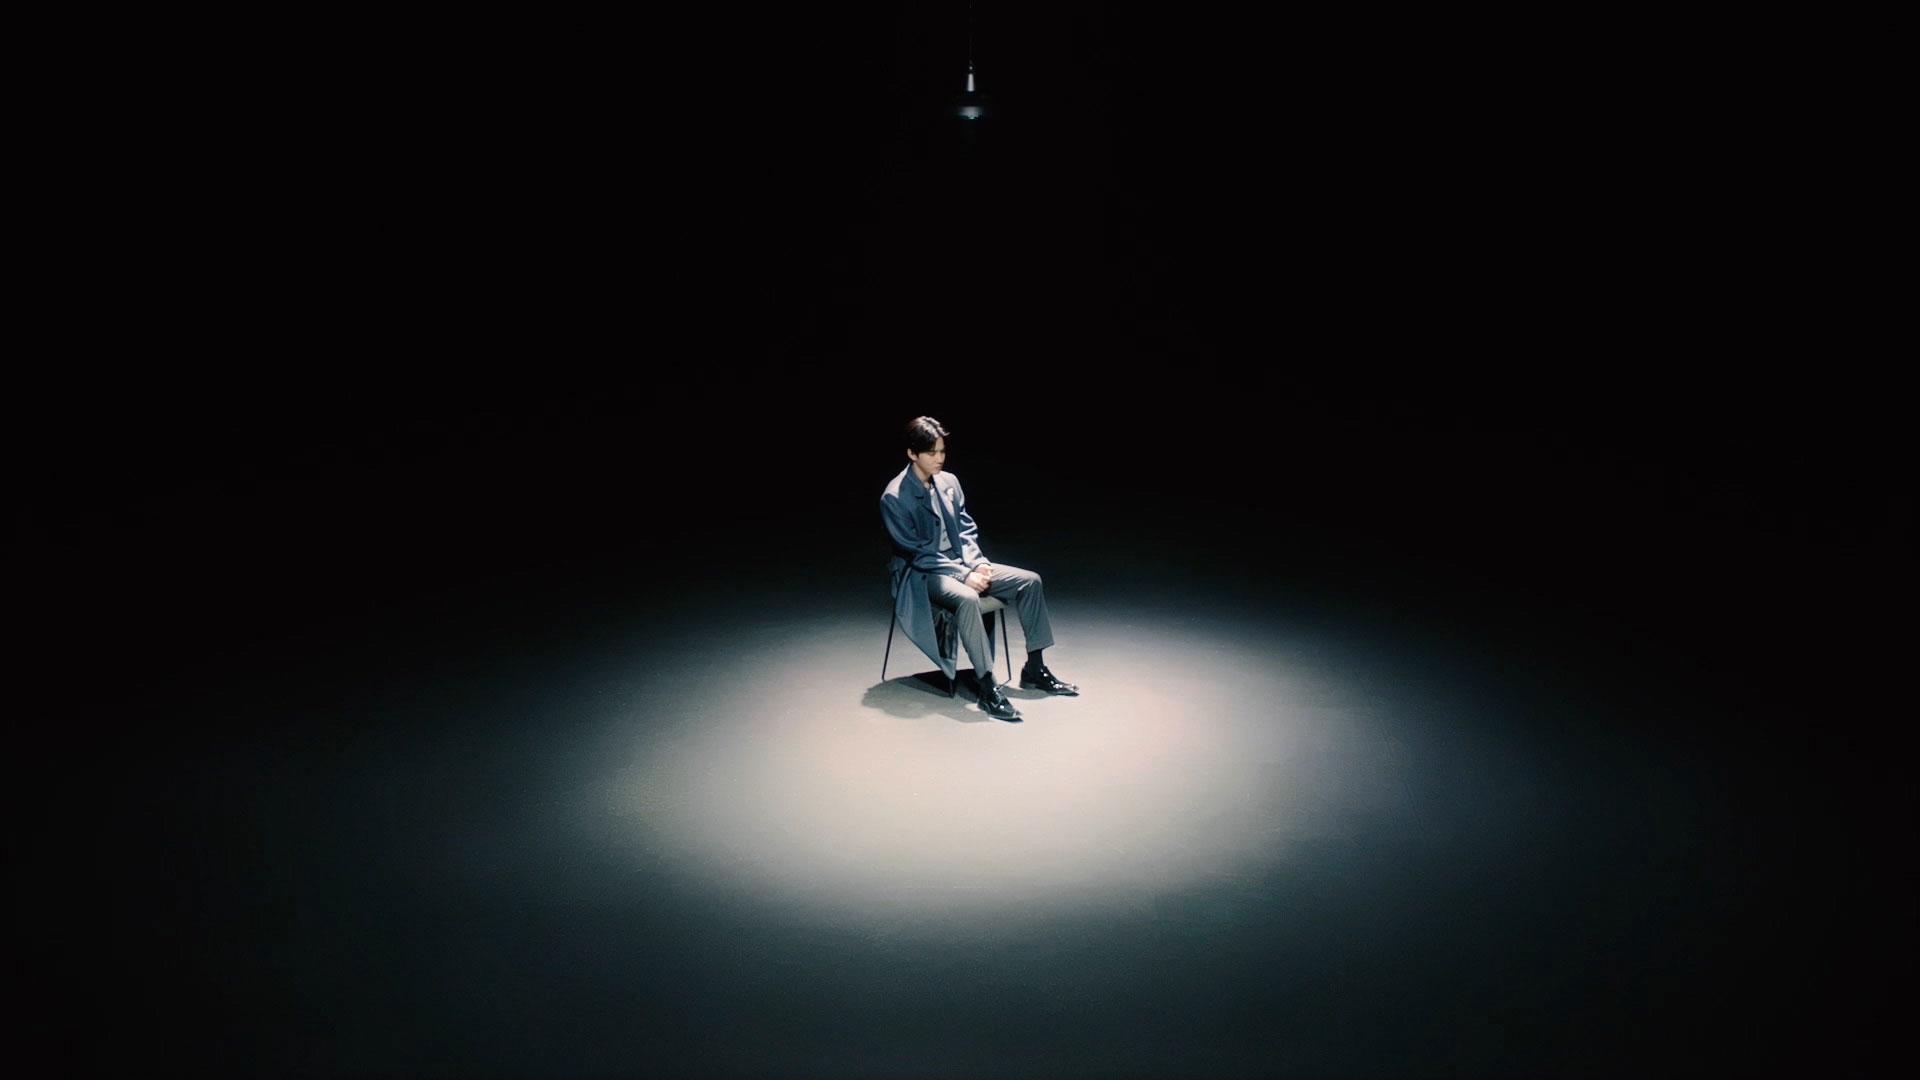 SUHO 수호 '사랑, 하자 (Let's Love)' MV Teaser #2